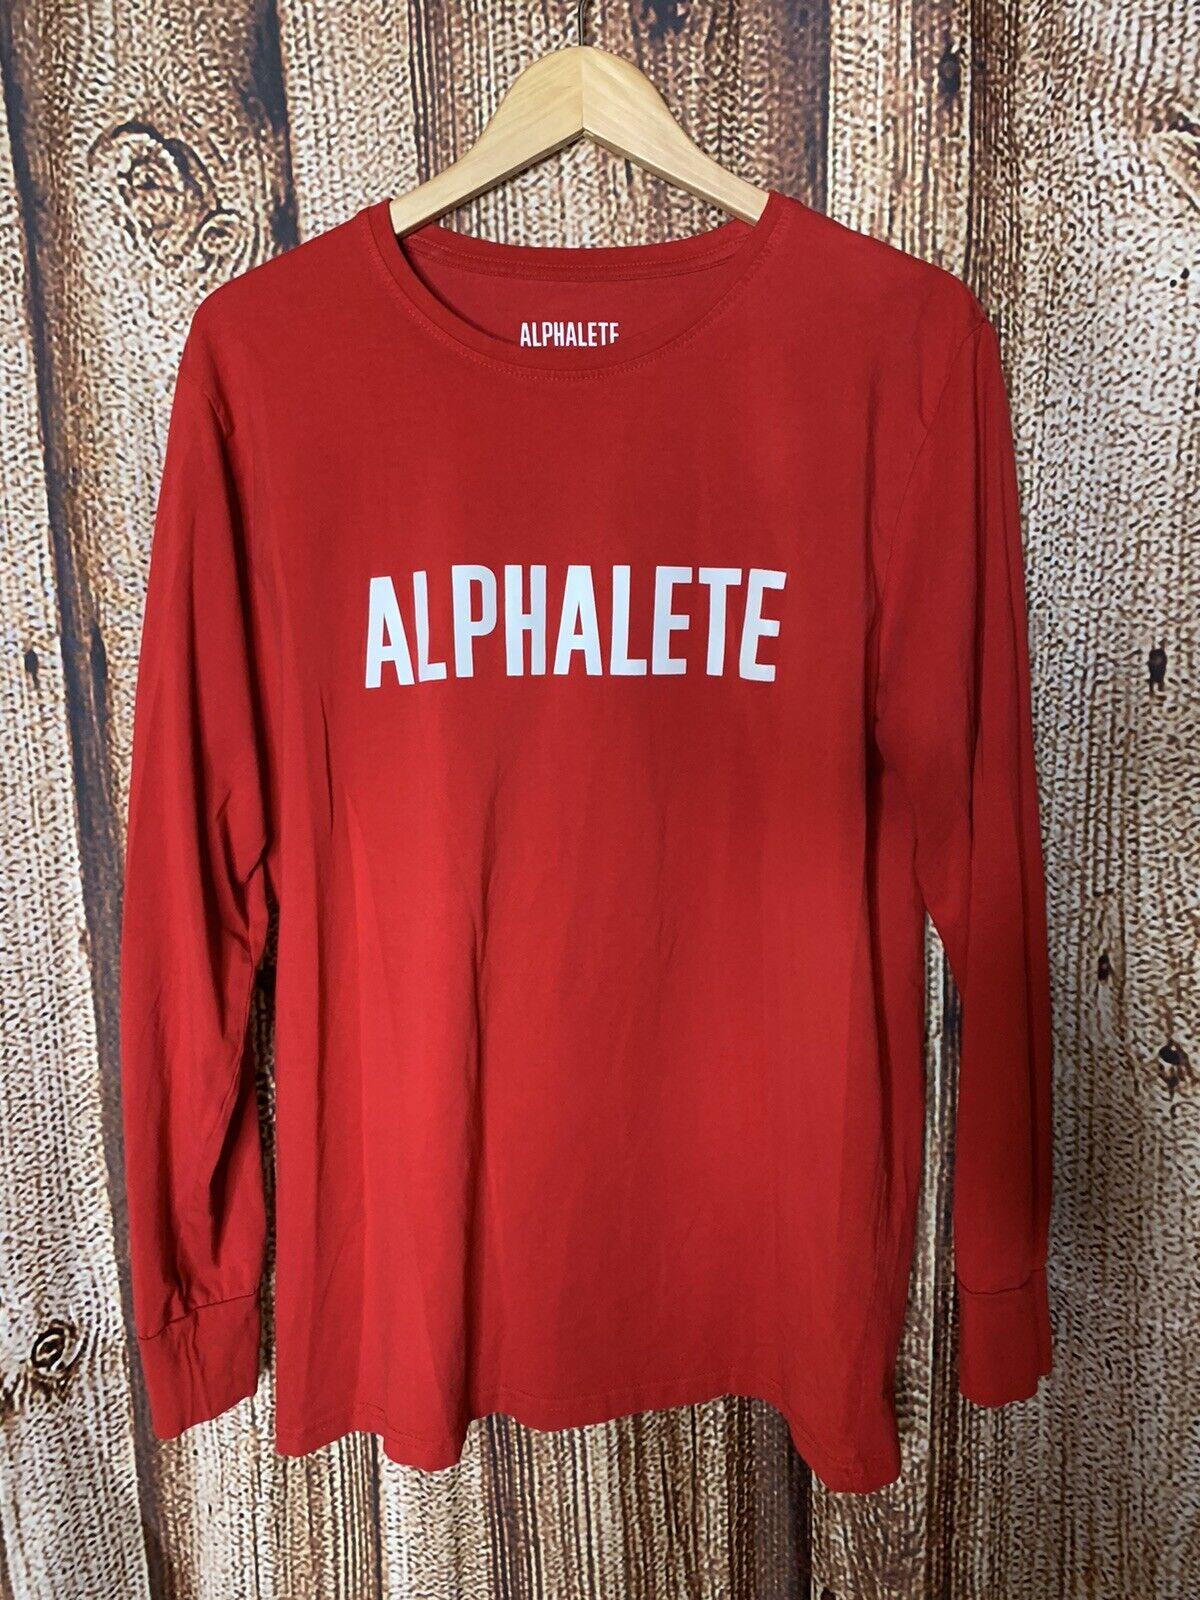 Alphalete Men's Red Long Sleeve Shirt Size L